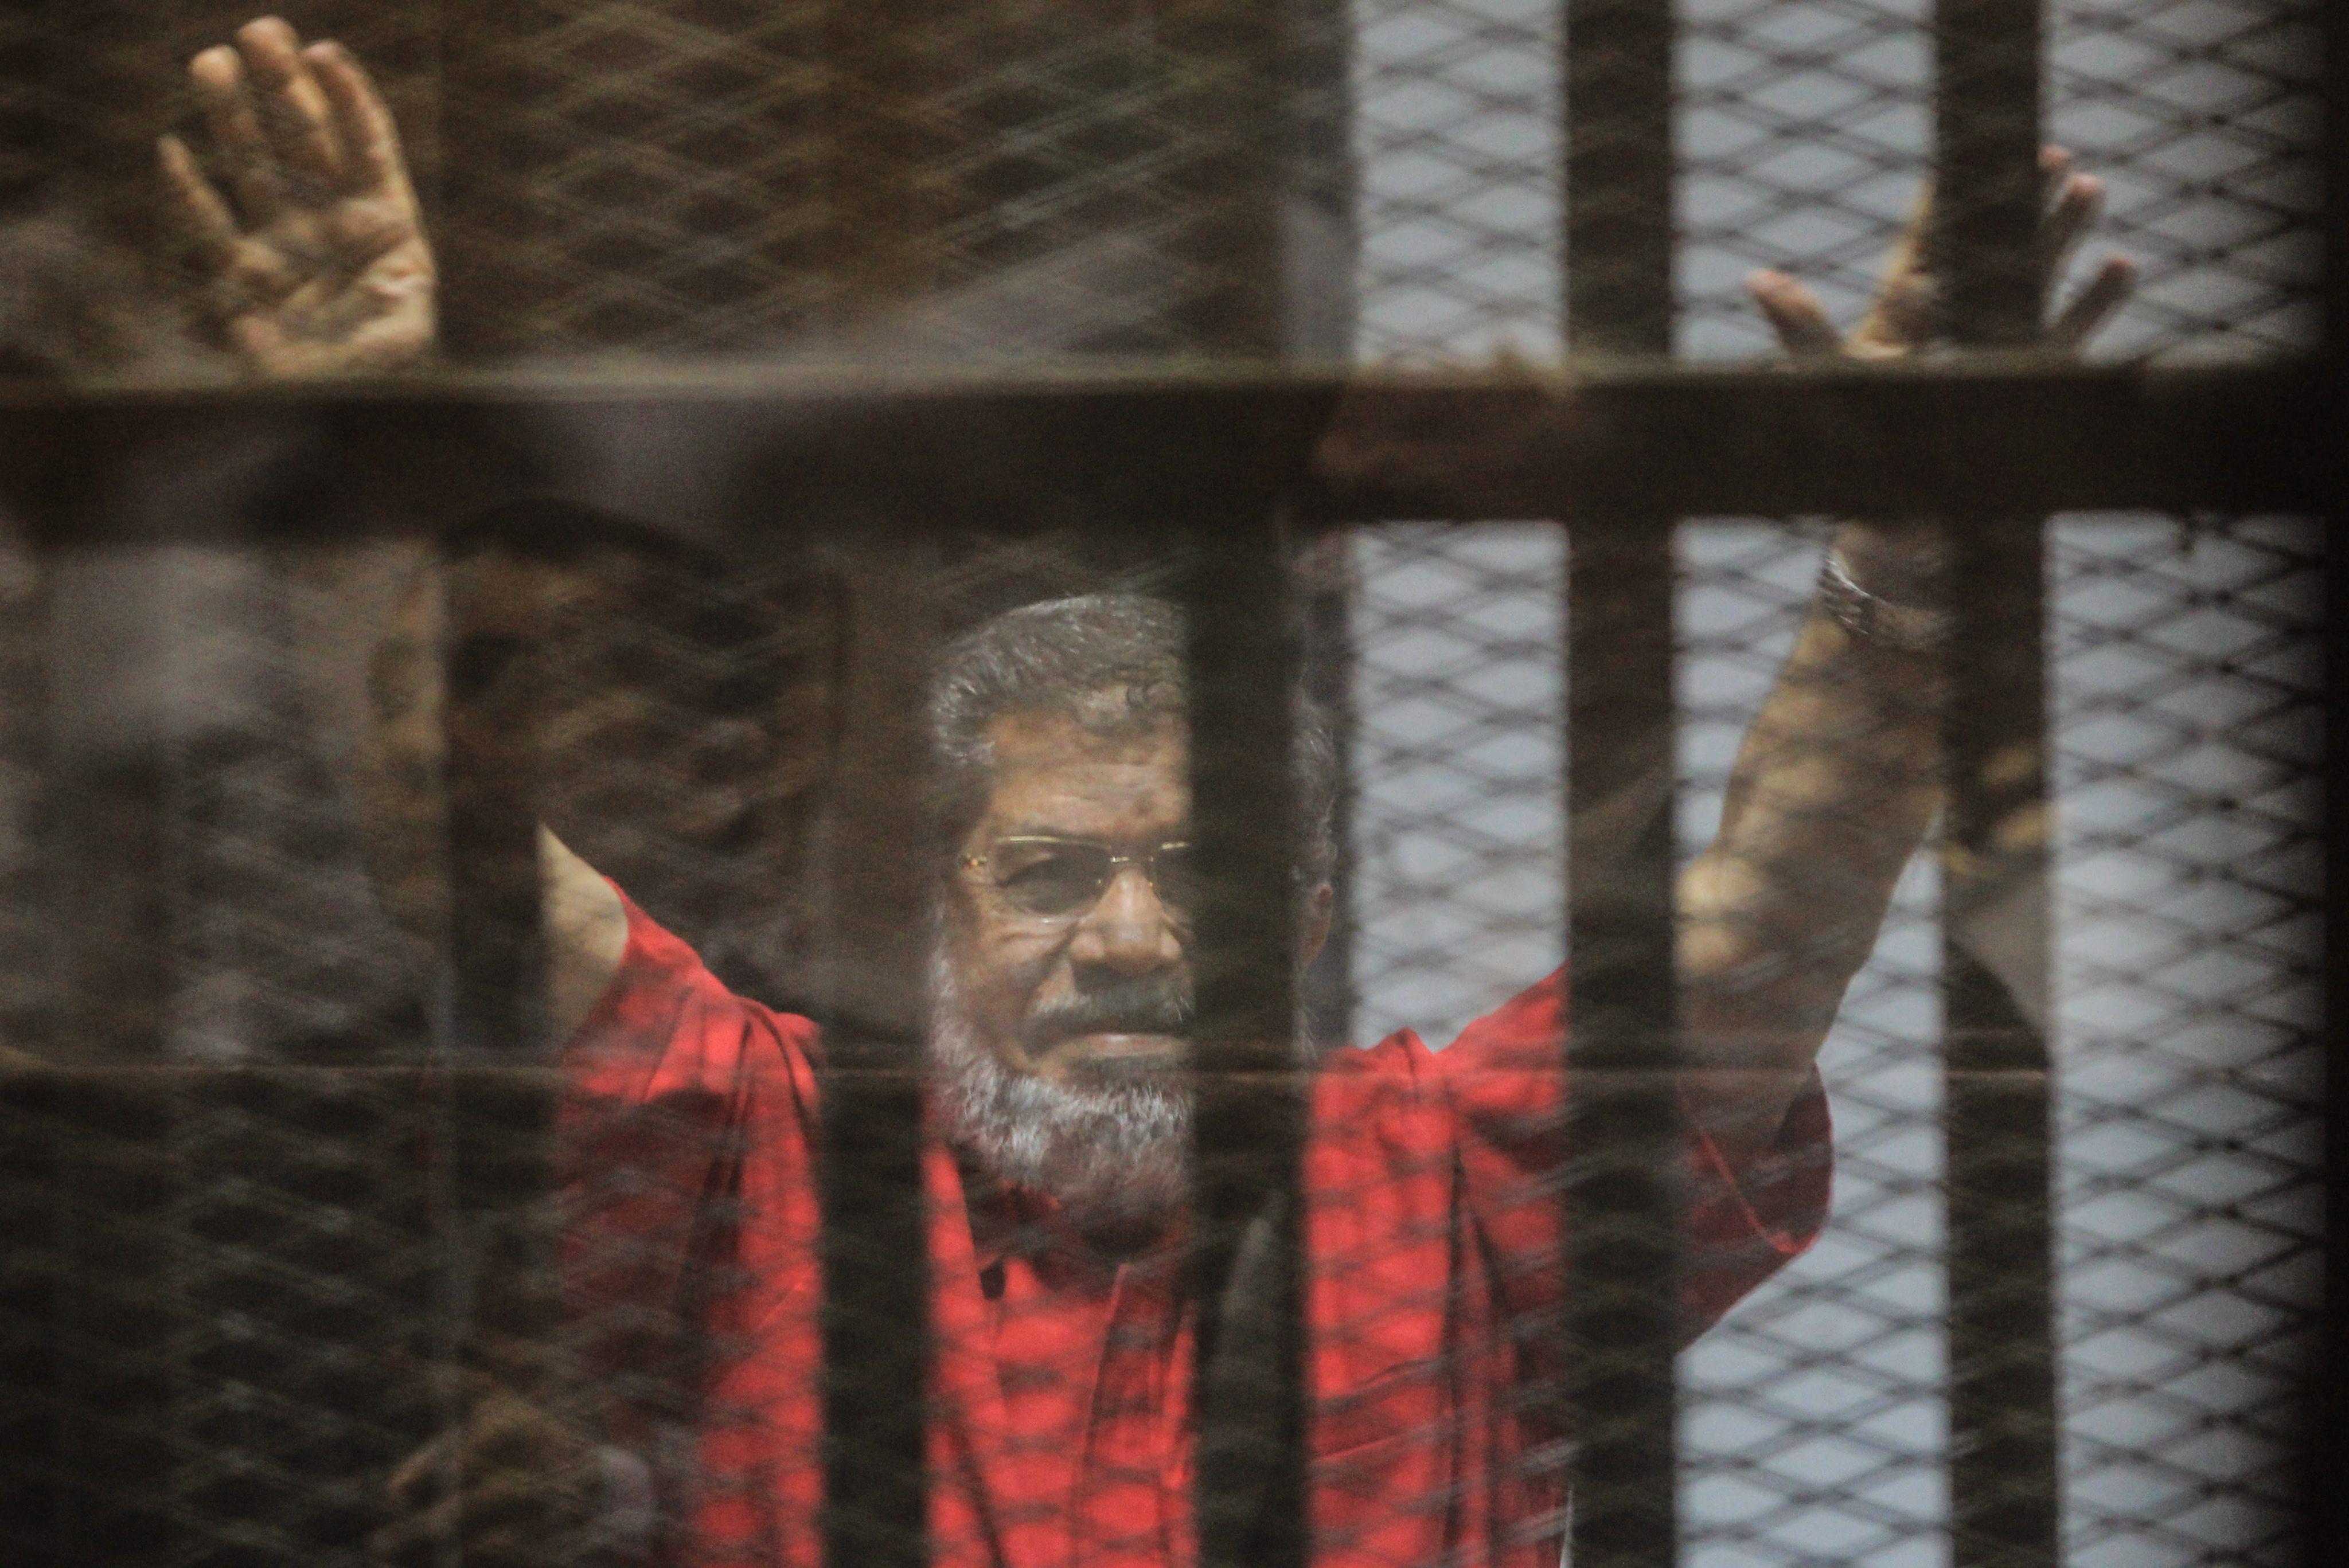 """2016年6月18日,埃及前总统穆尔西在开罗出庭受审。据埃及官方电视台报道,开罗刑事法庭18日宣布,穆尔西因间谍罪以及泄露""""机密文件""""获判40年监禁。(新华社/欧新中文)"""